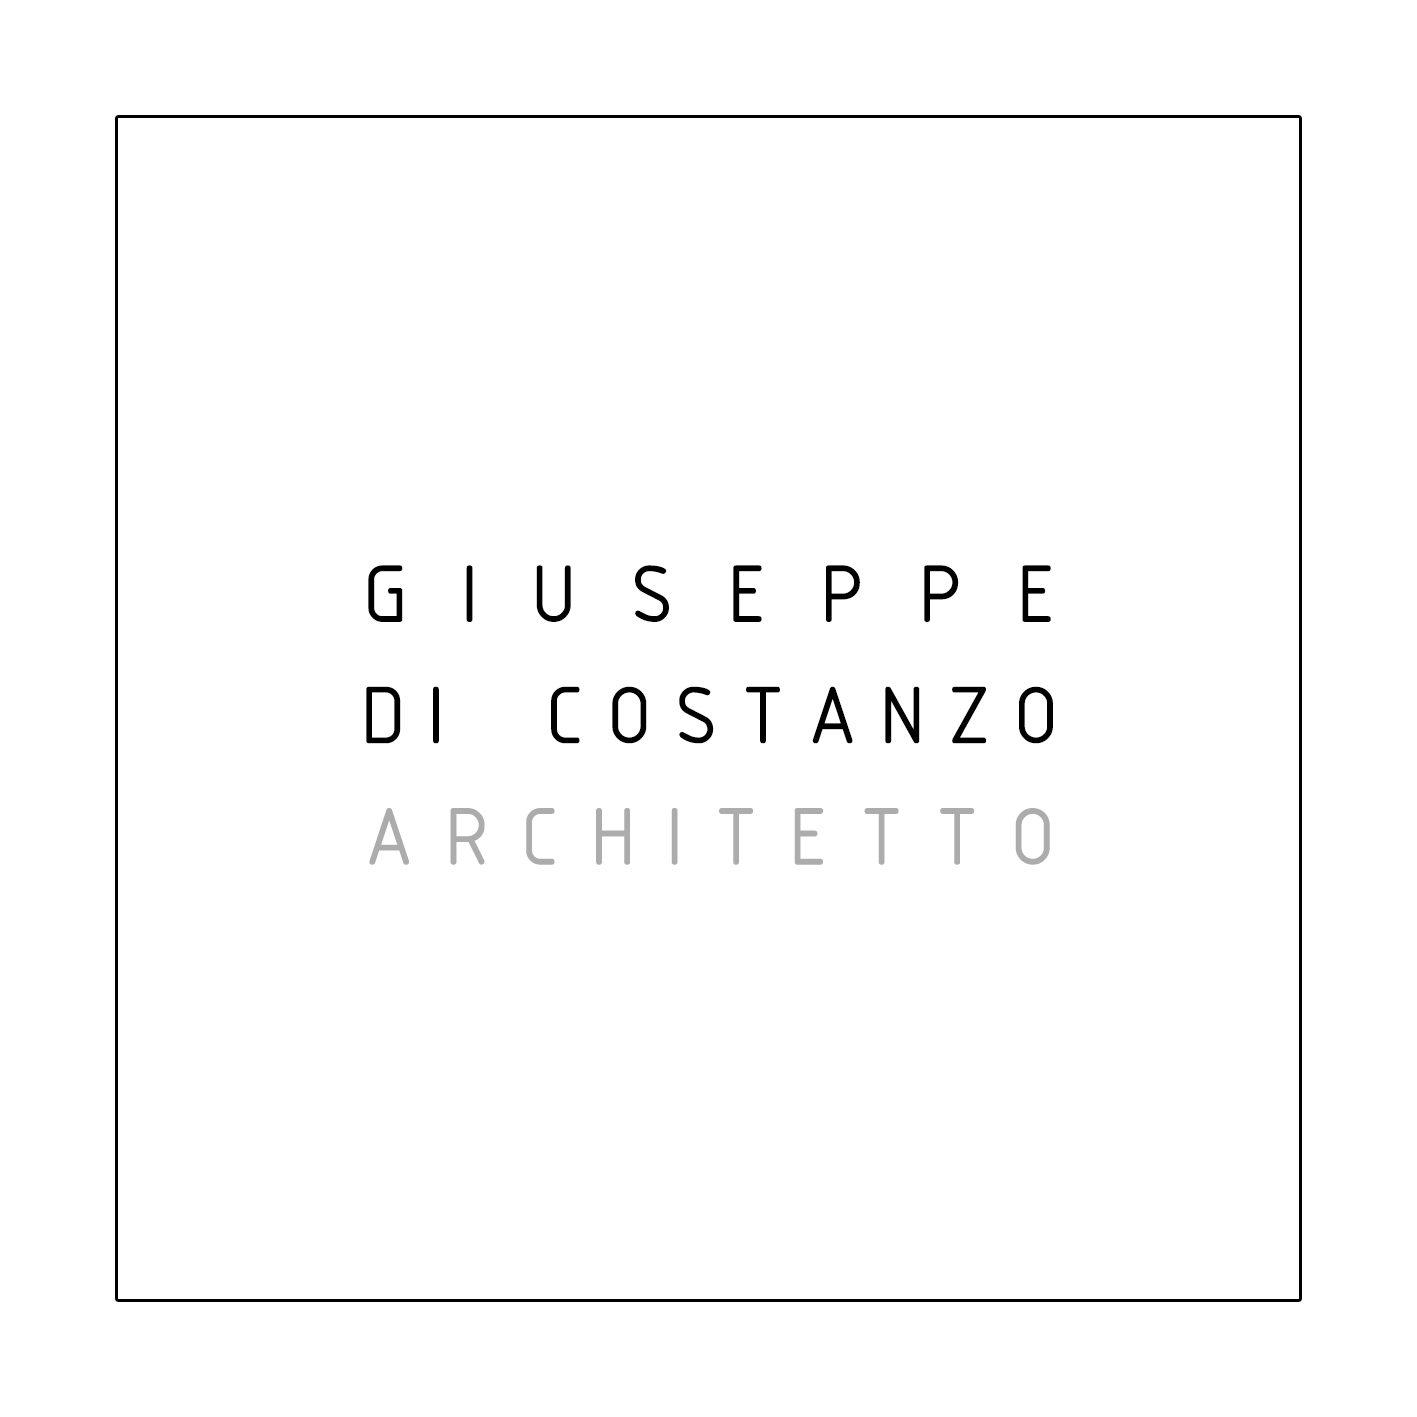 GIUSEPPE DI COSTANZO   ARCHITETTO